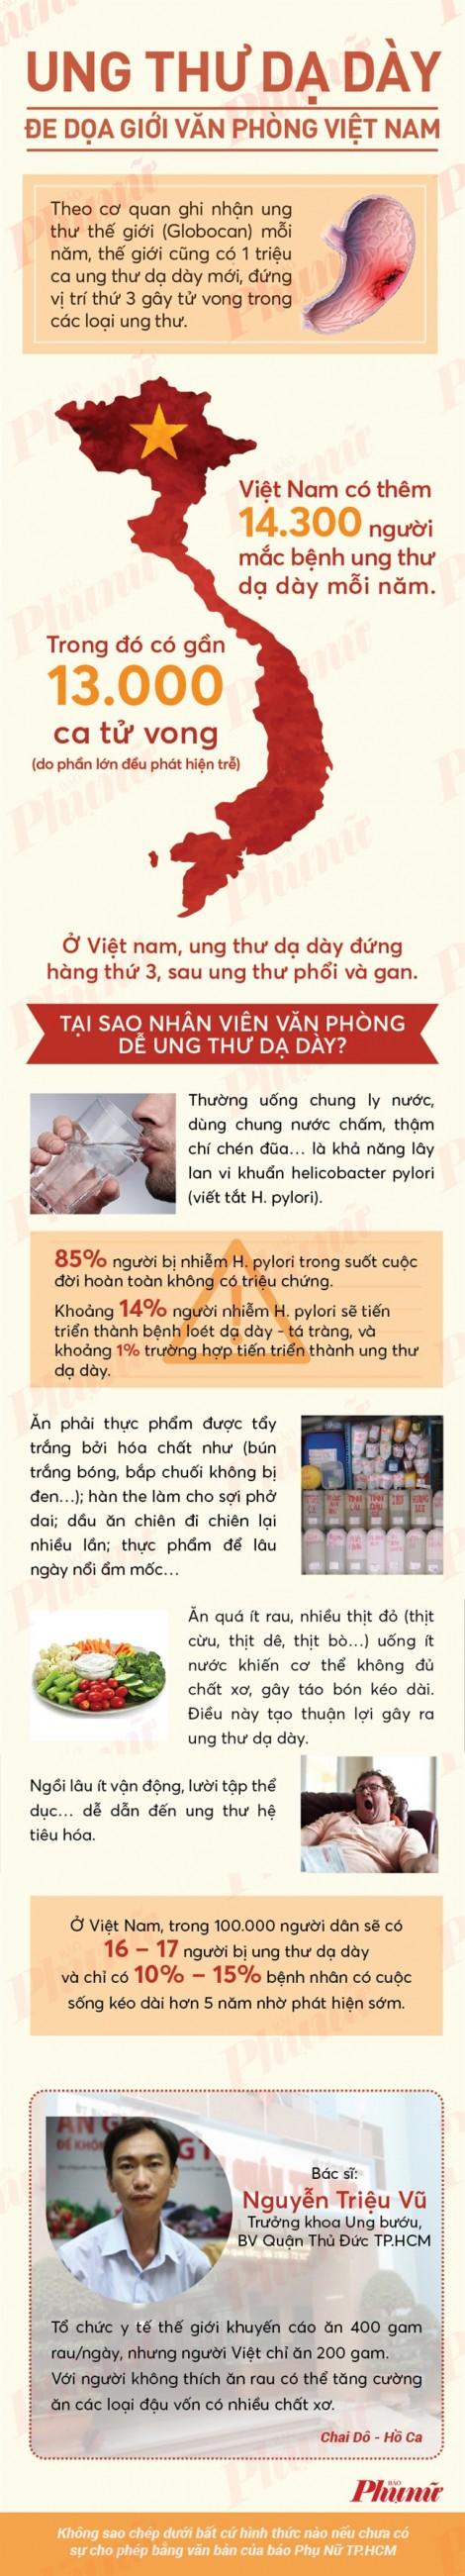 Loại ung thư khiến giới trẻ Việt rùng mình